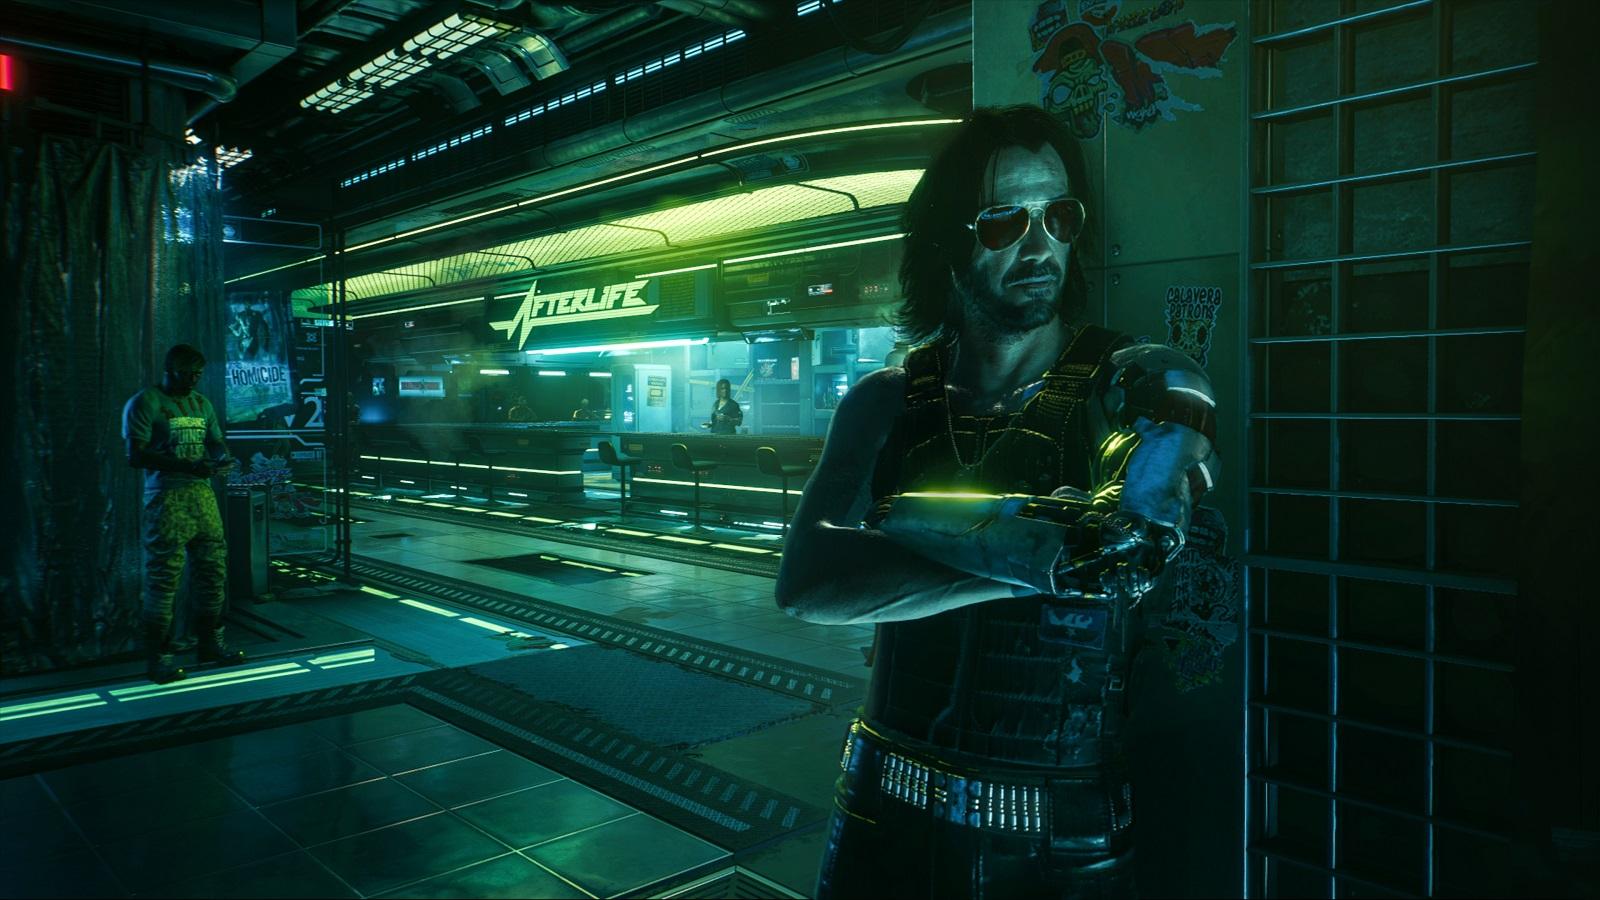 Задайте вопрос по Cyberpunk 2077 редакции 3DNews — времени до релиза всё меньше